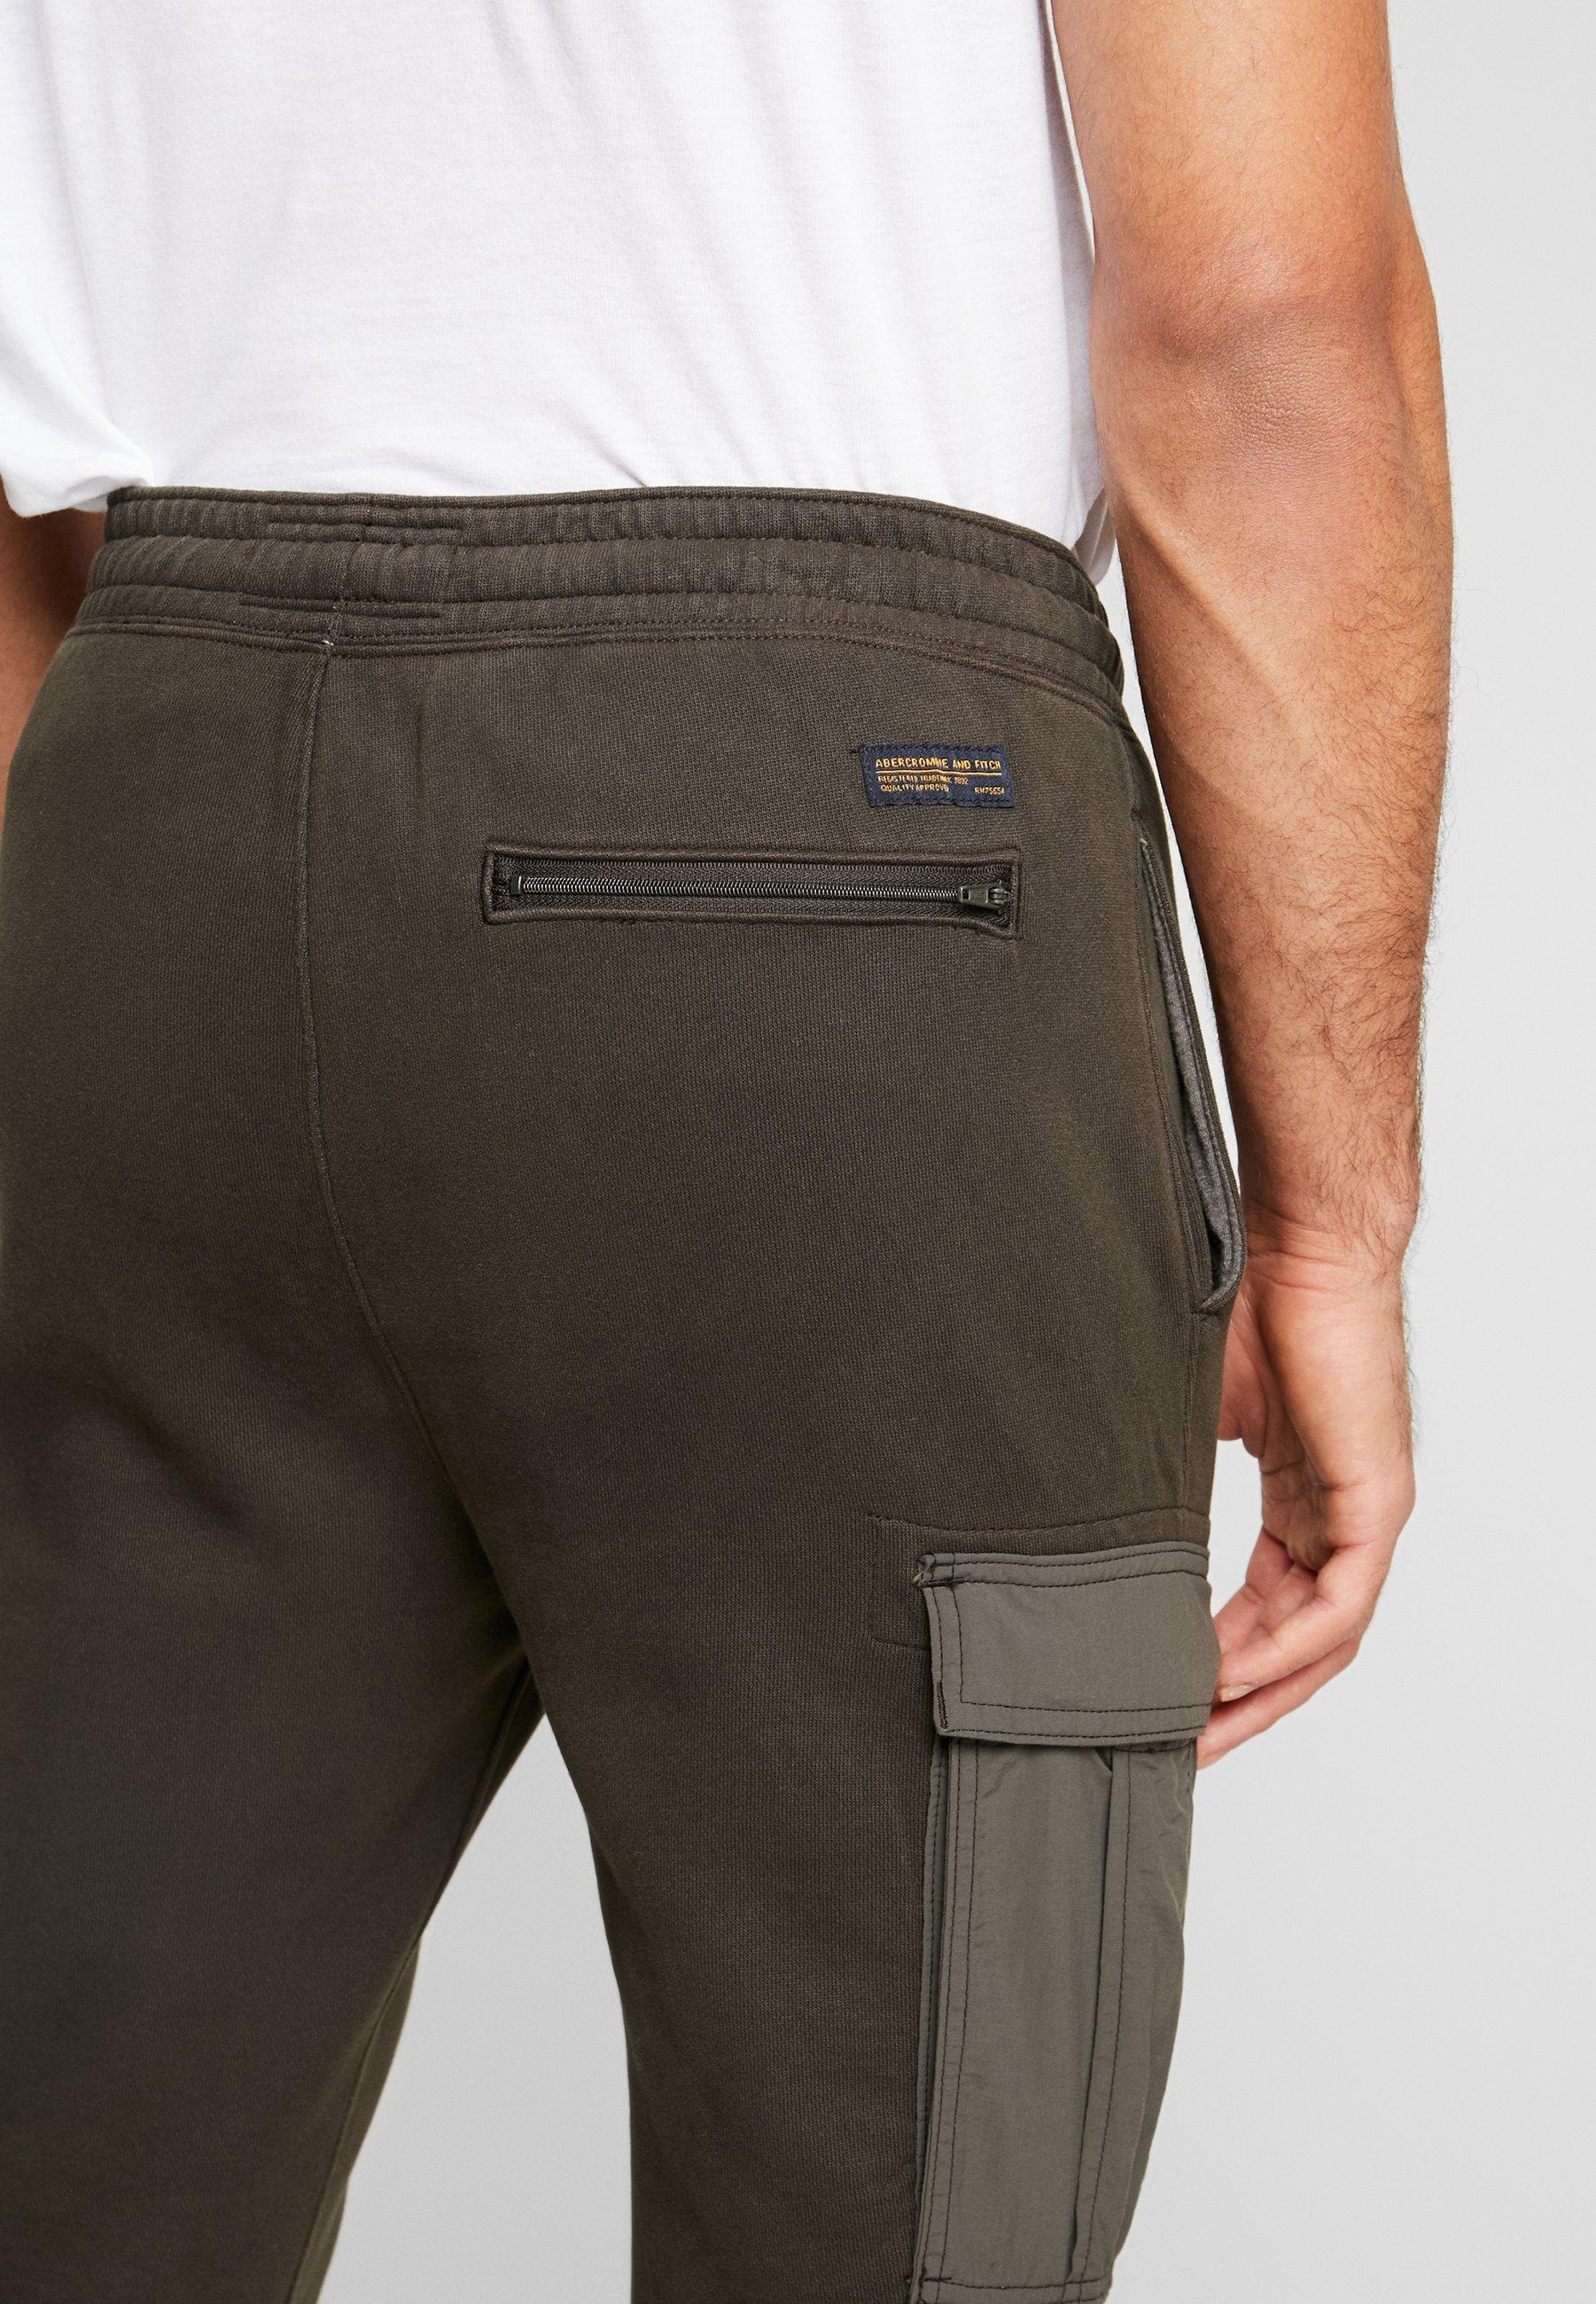 Abercrombie & Fitch Pantalon de survêtement - black olive